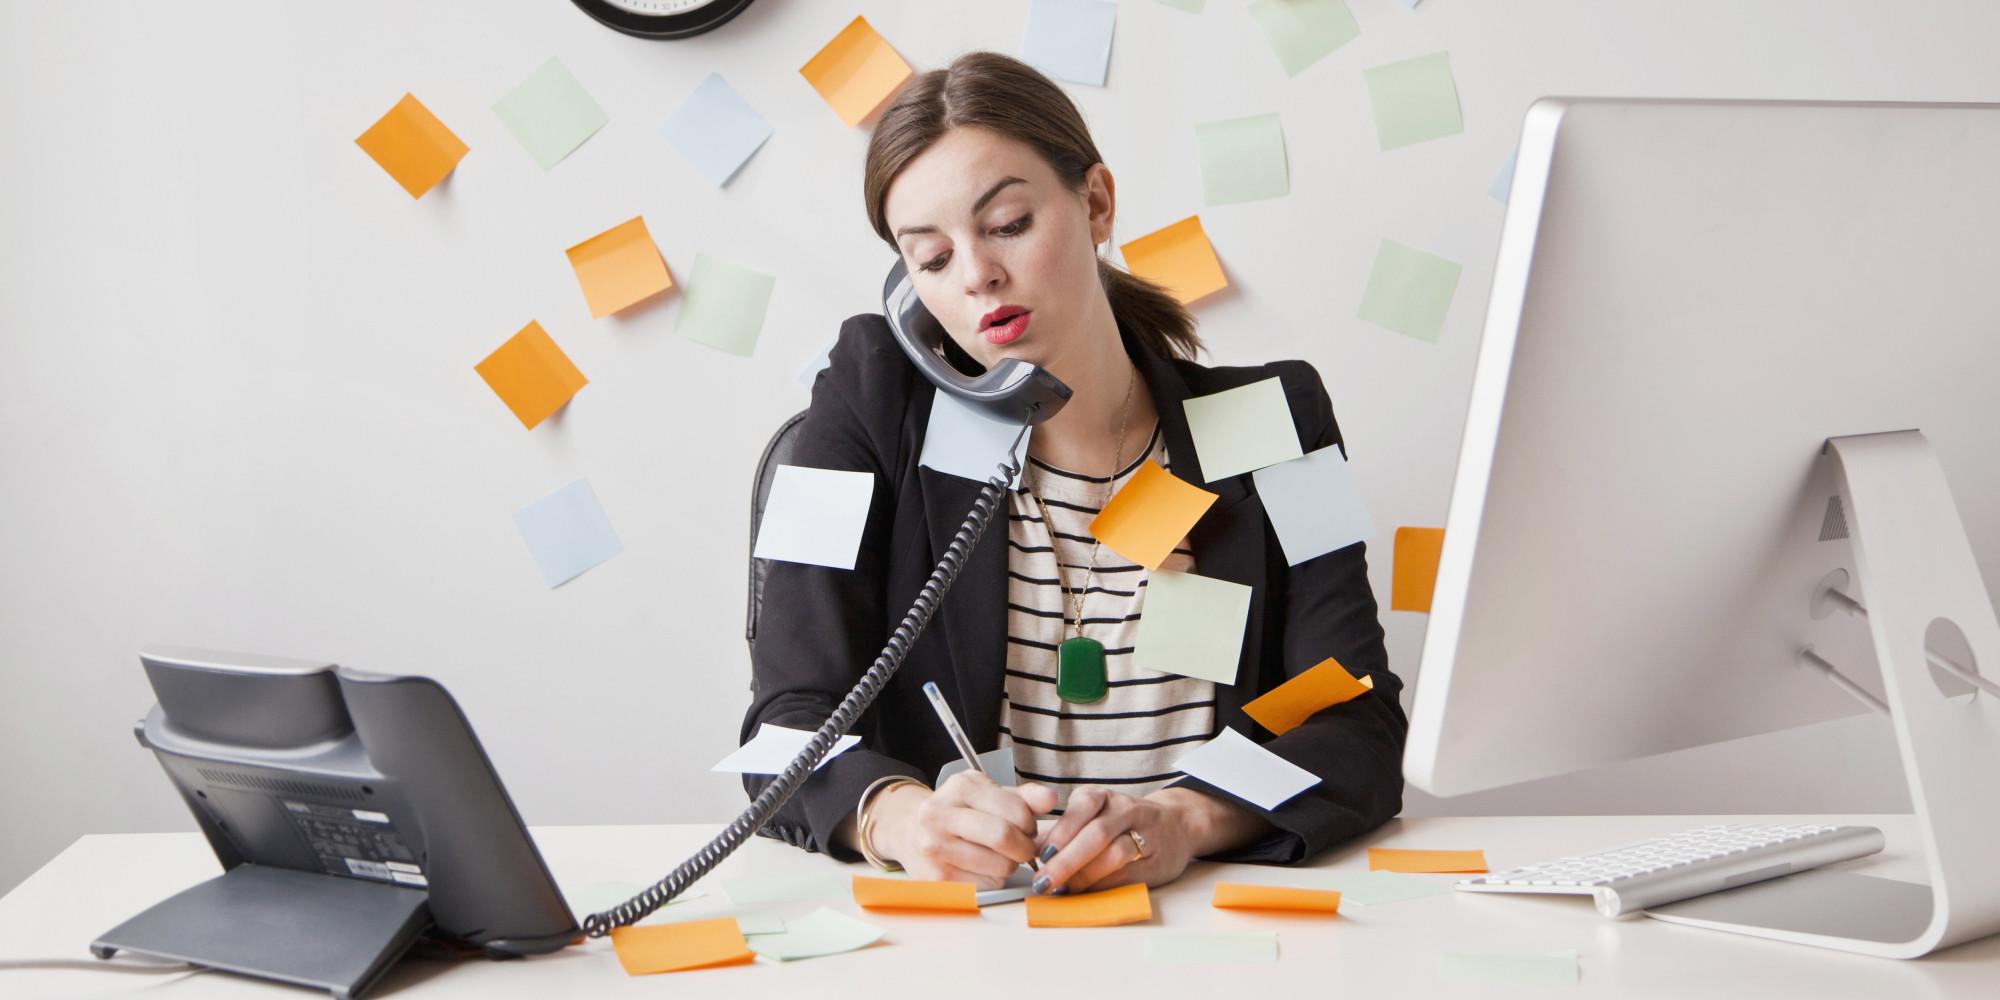 Masalah produktifitas karyawan bisa diatasi oleh HRD dengan memiliki software HR gratis